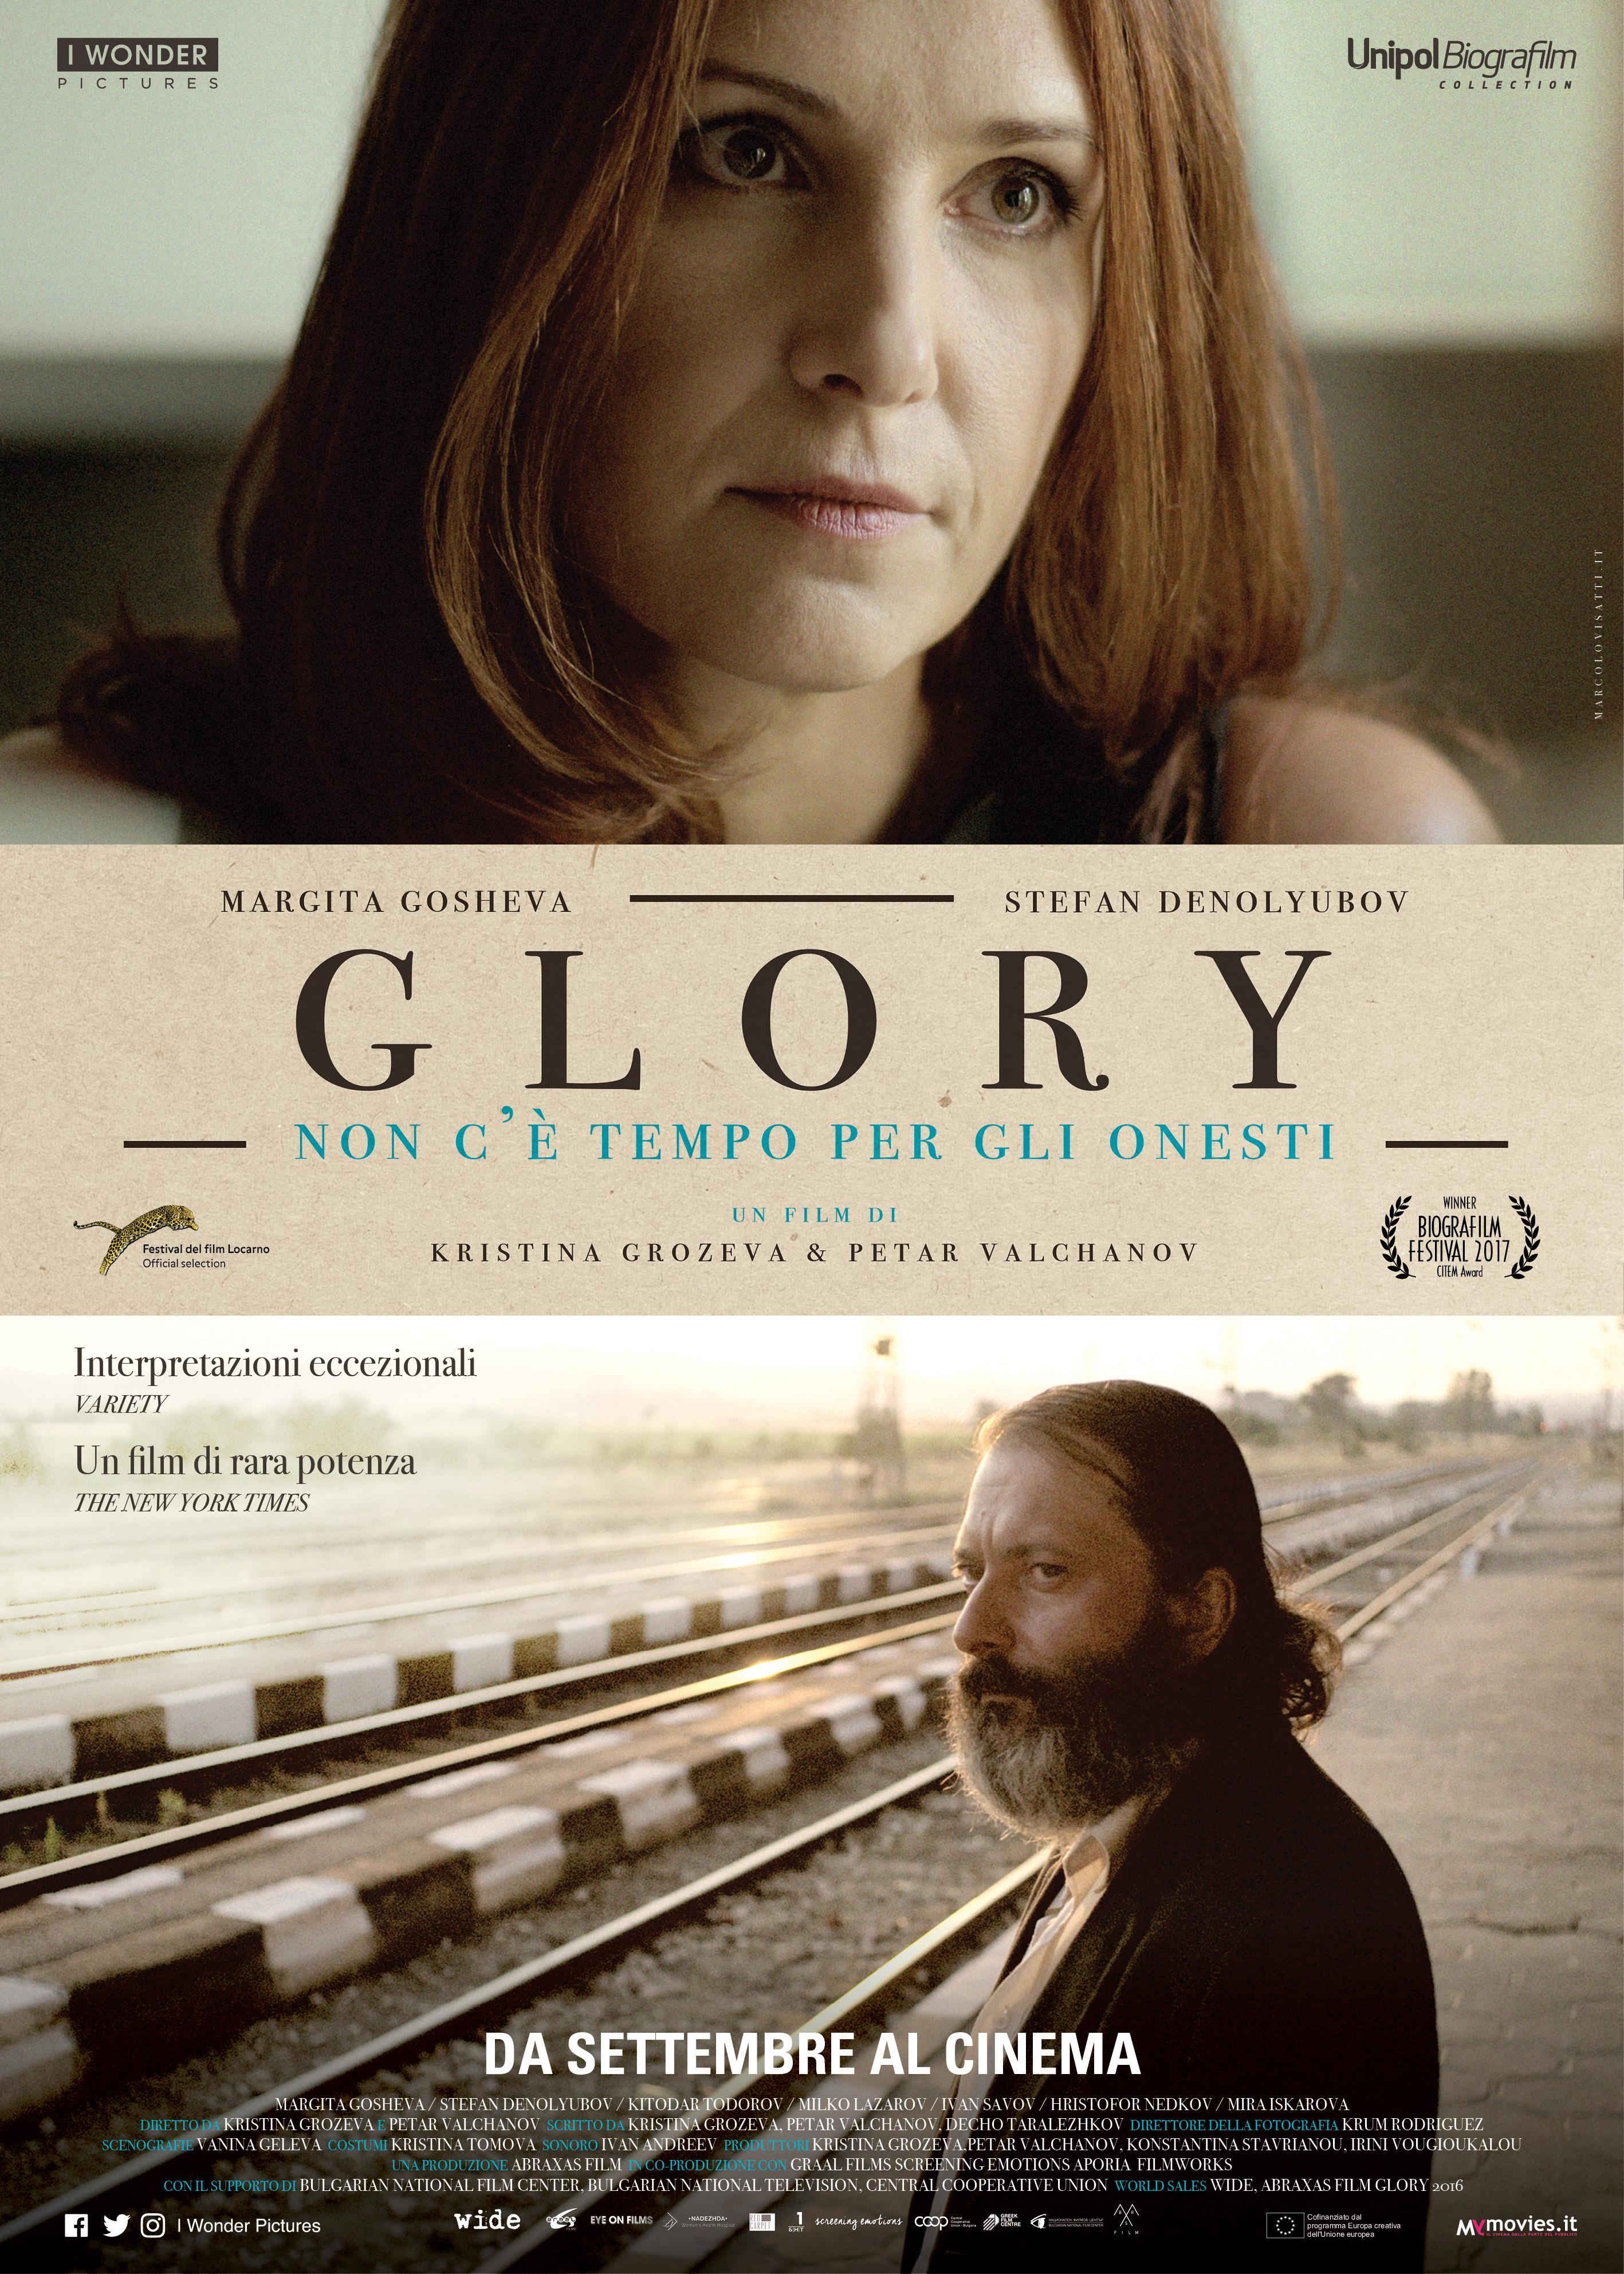 Lo Scandalo Della Collana Film glory – non c'è tempo per gli onesti, la recensione